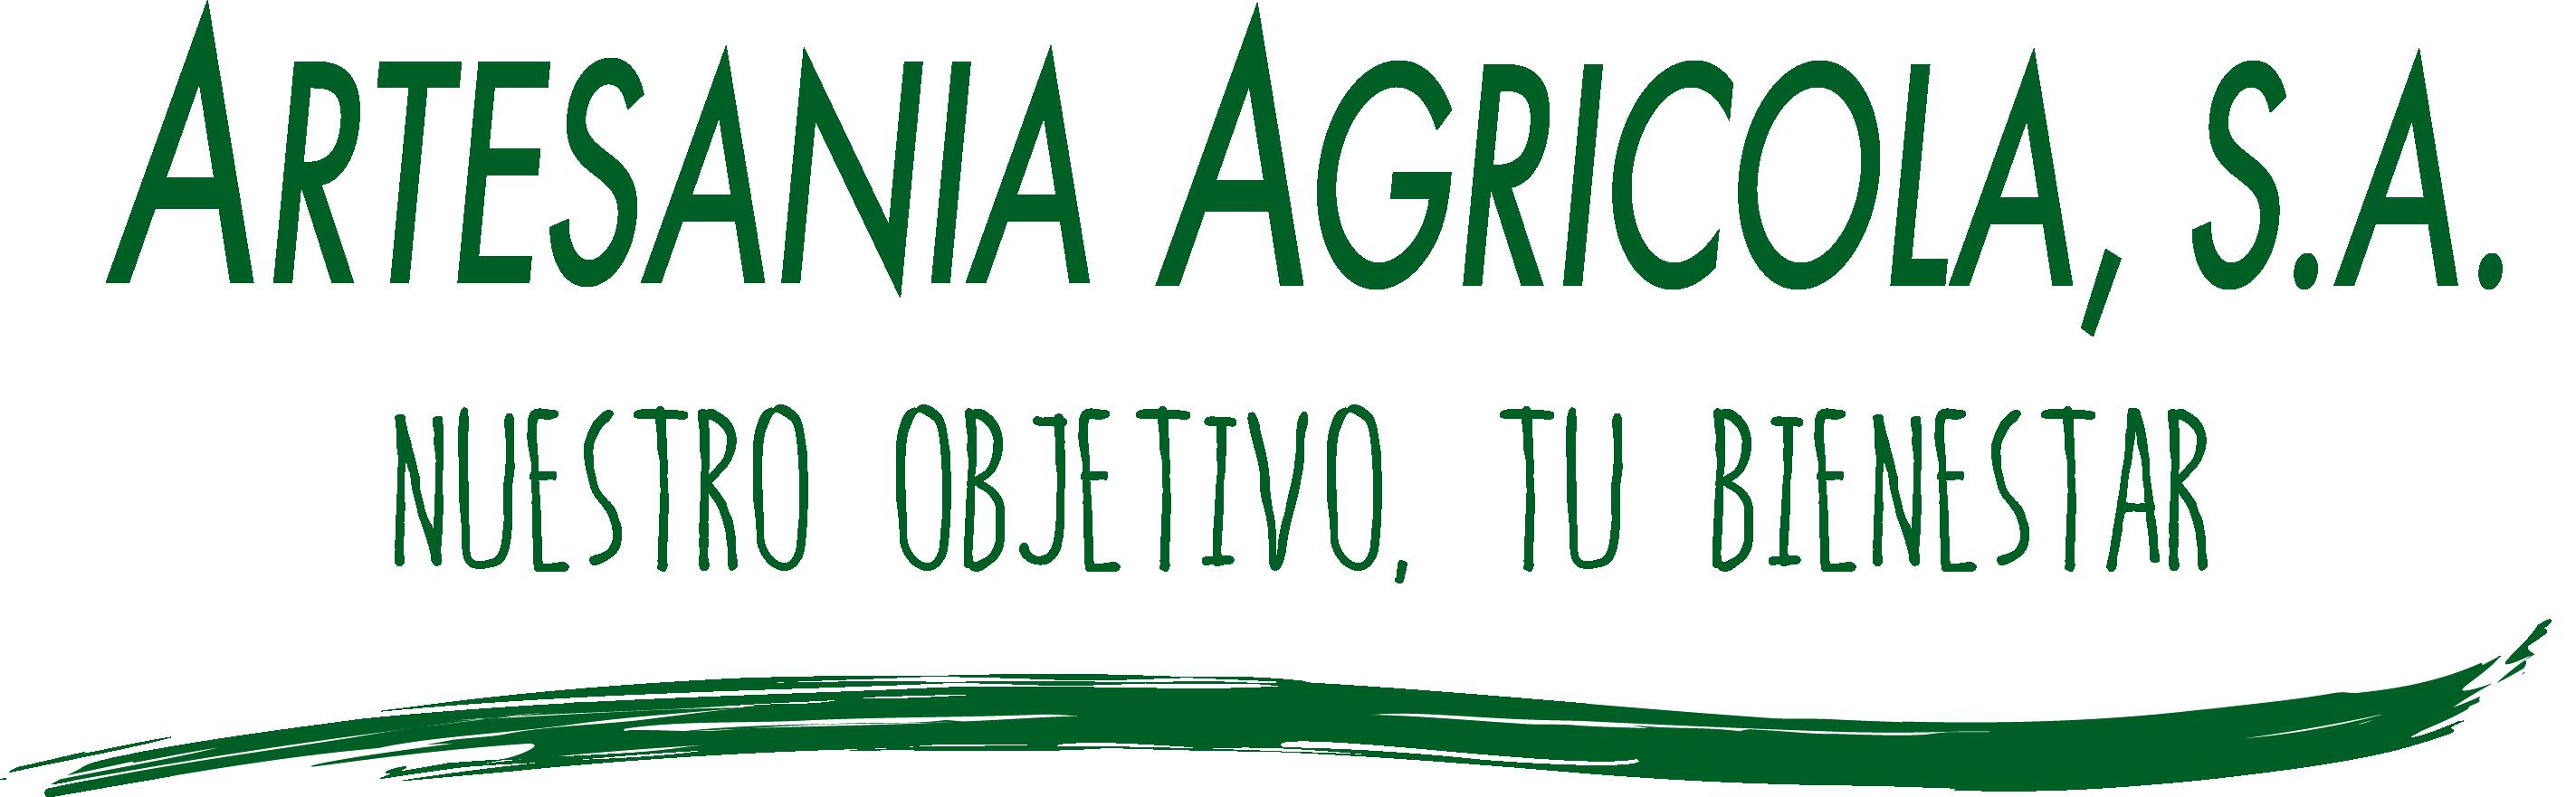 https://campaign-image.com/zohocampaigns/46489000013064238_logo_artesania_con_claim_(1).png